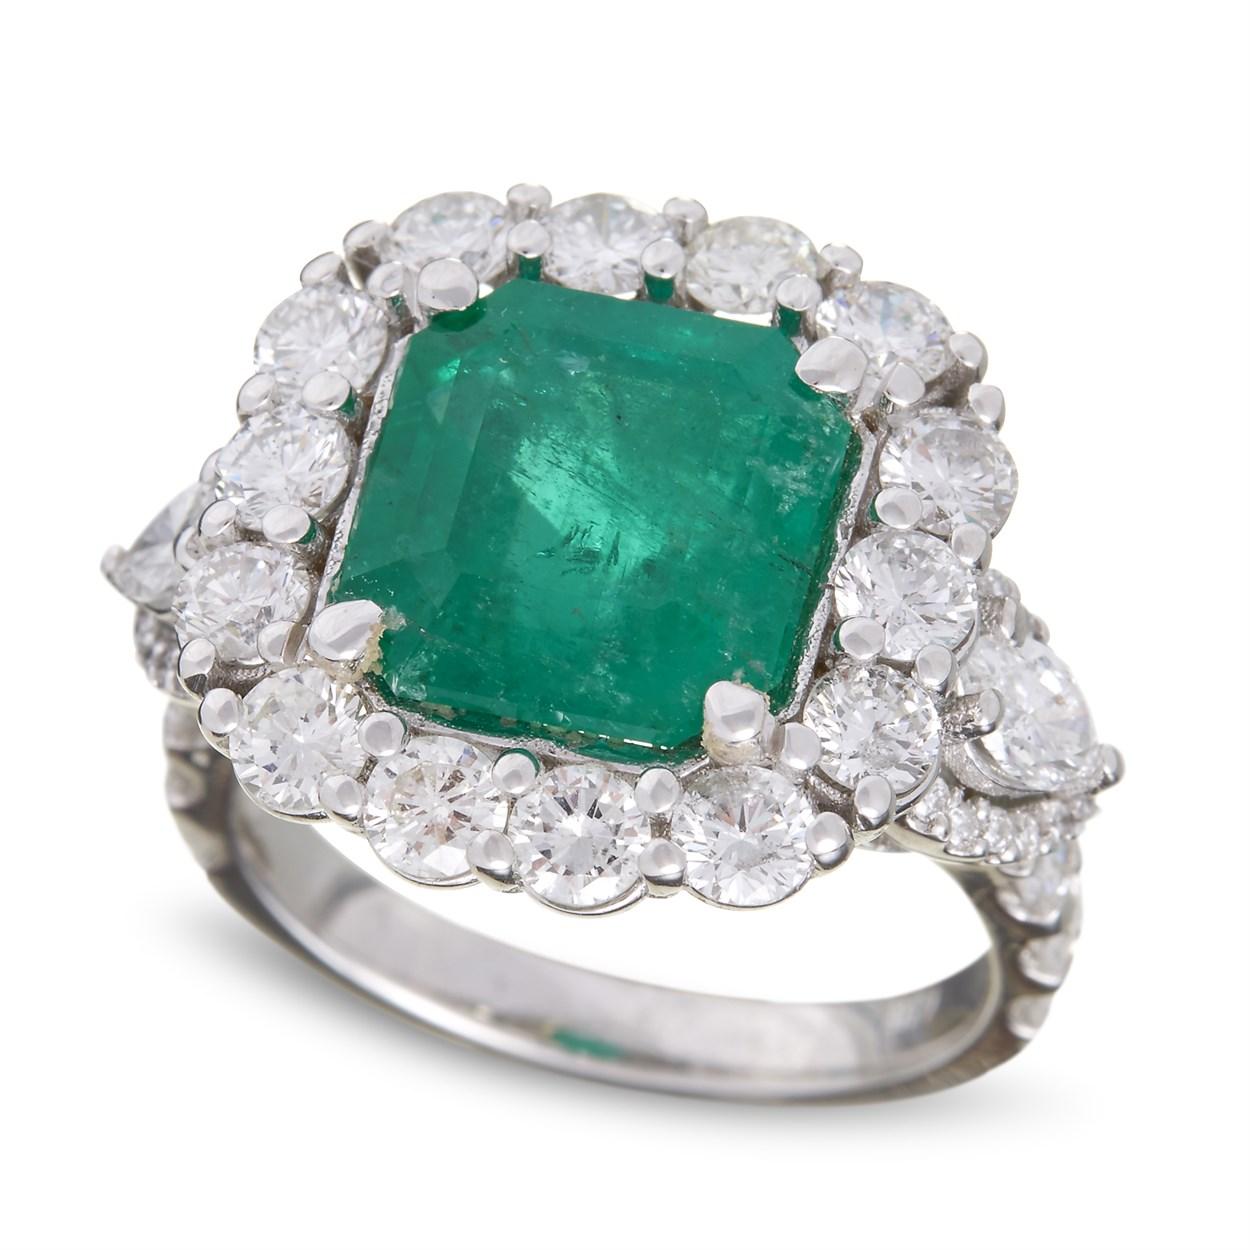 Lot 62 - An emerald, diamond, and eighteen karat white gold ring